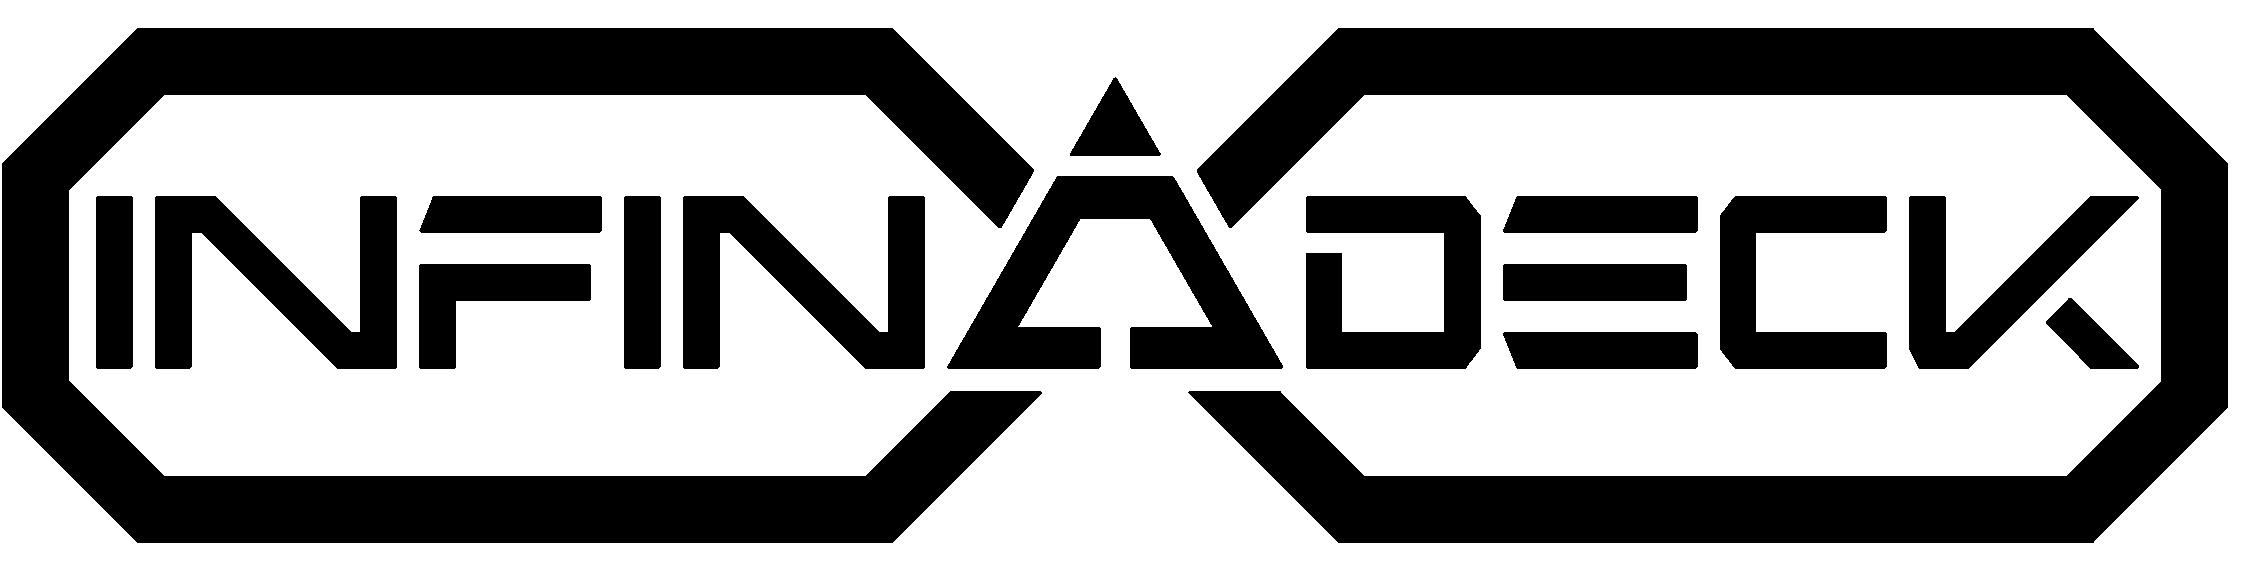 Infinadeck Logo